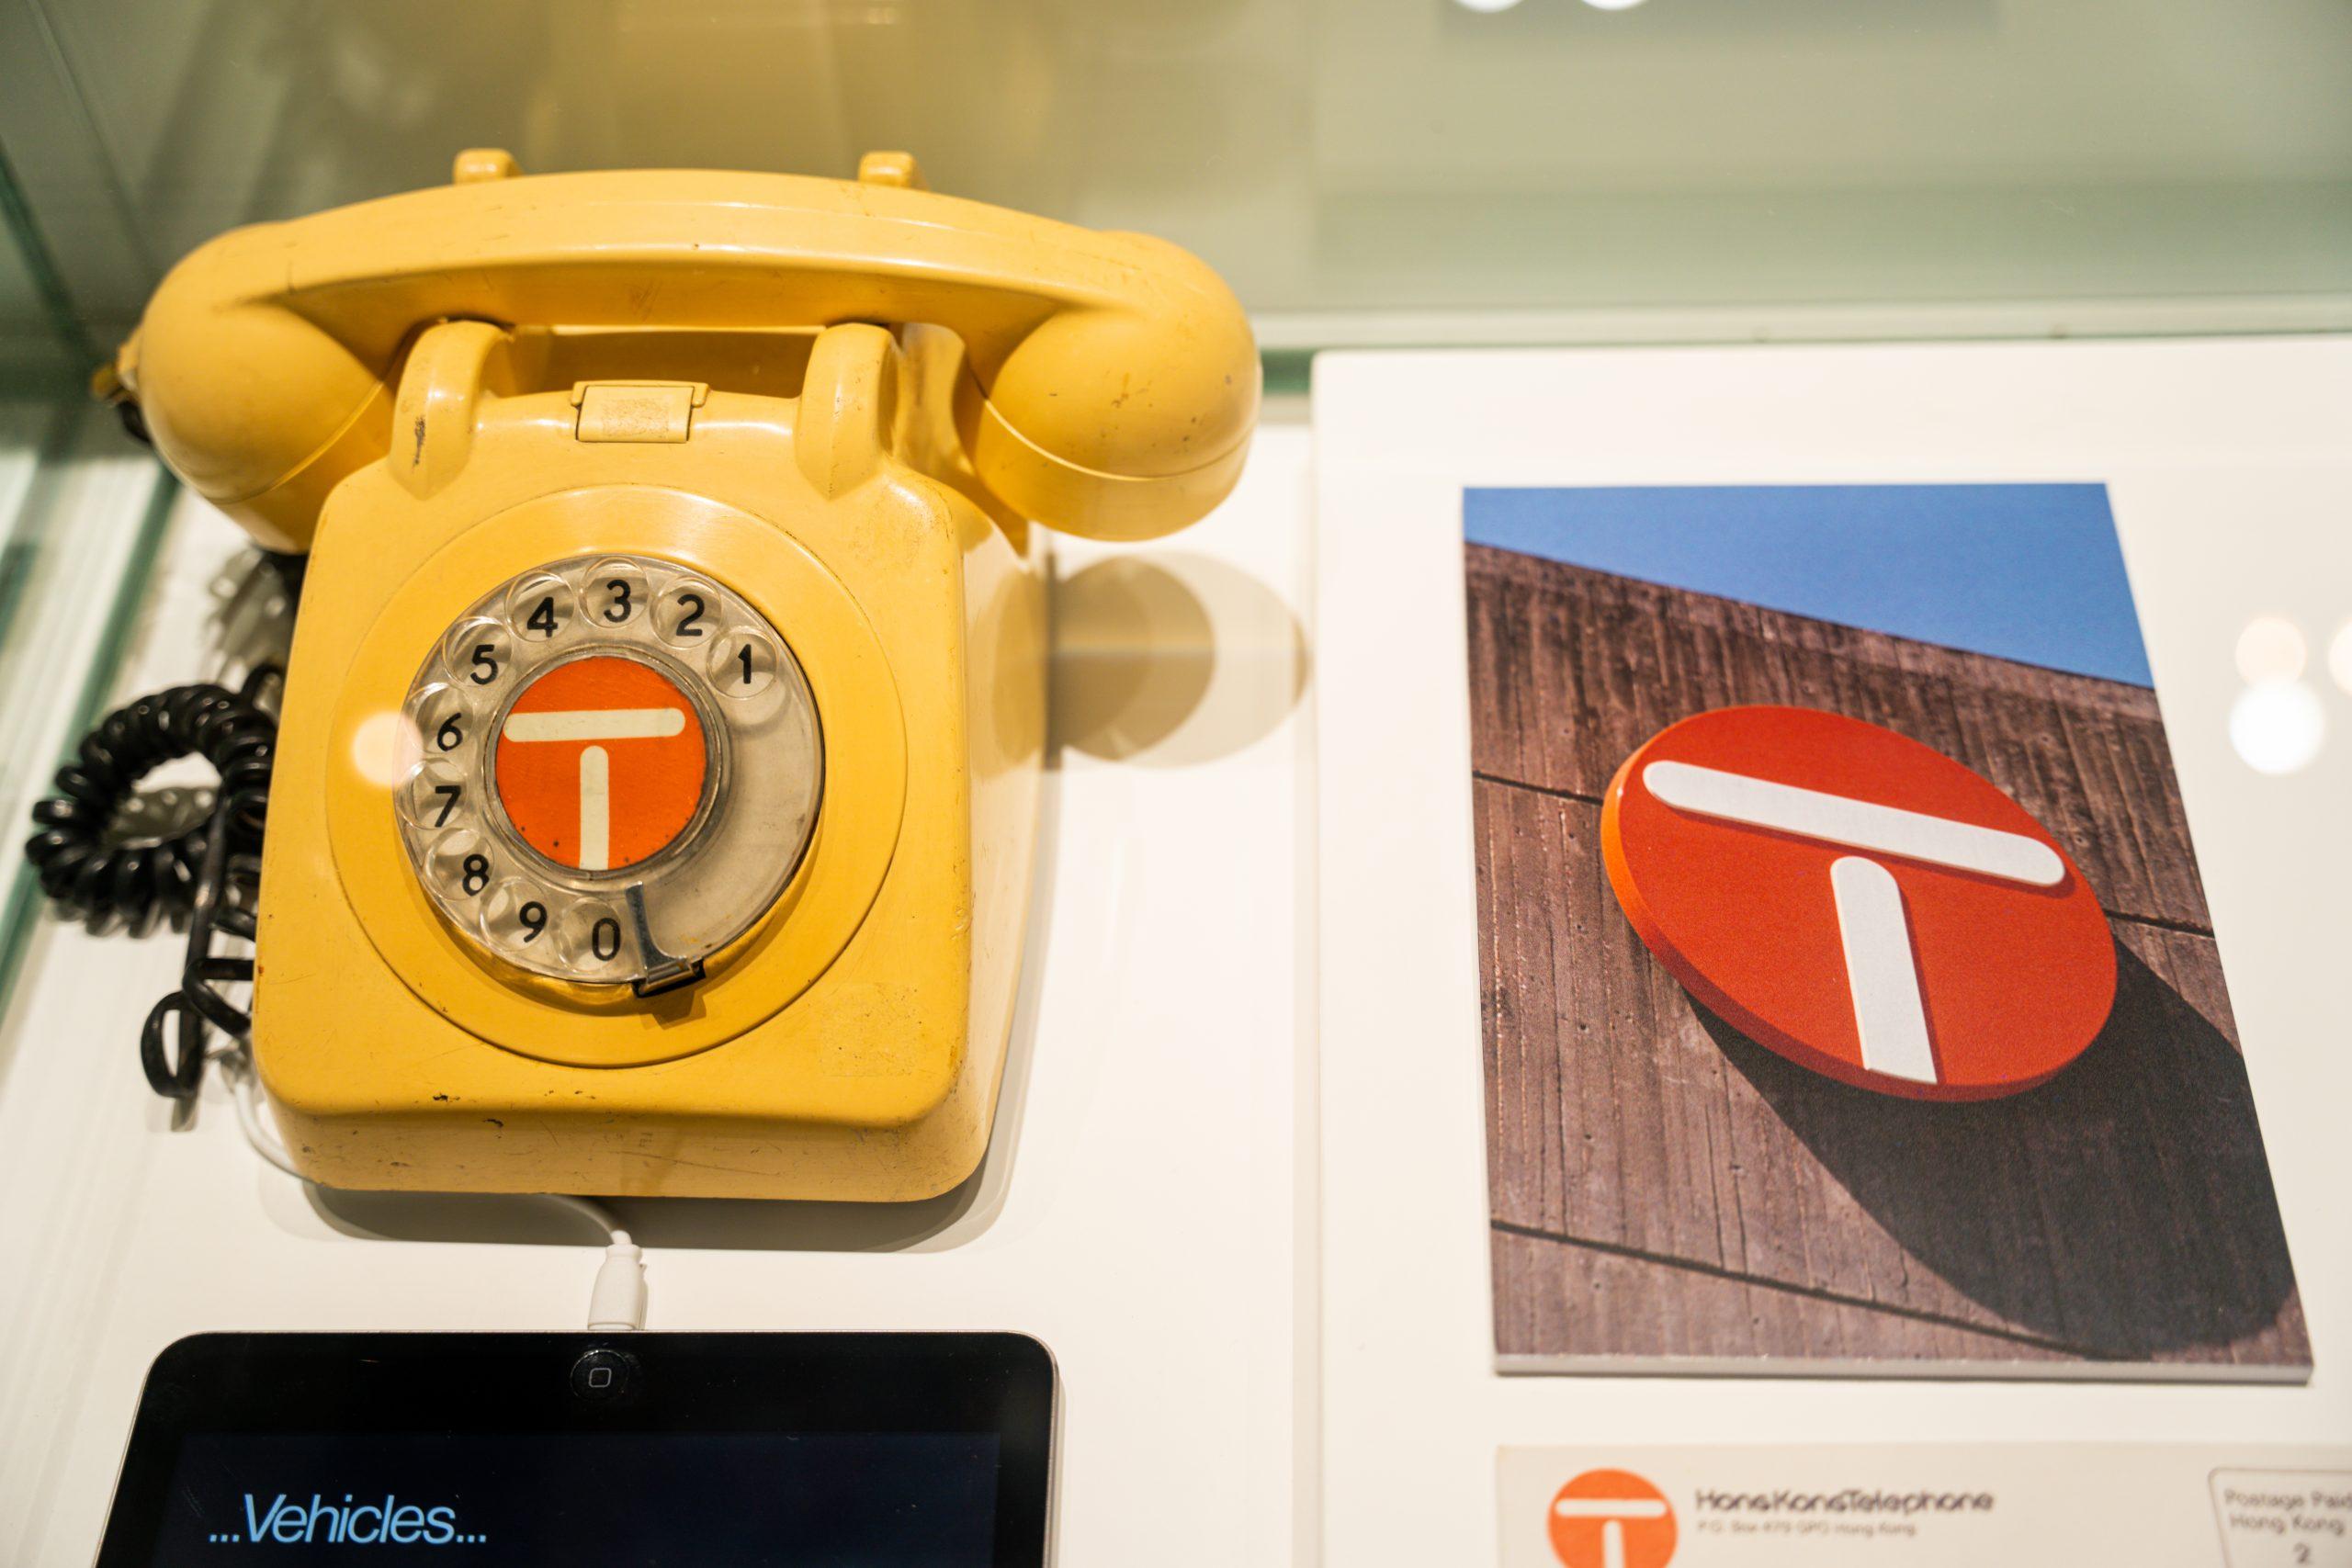 老香港設計展覽 石漢瑞 電話 香港電話公司 商標